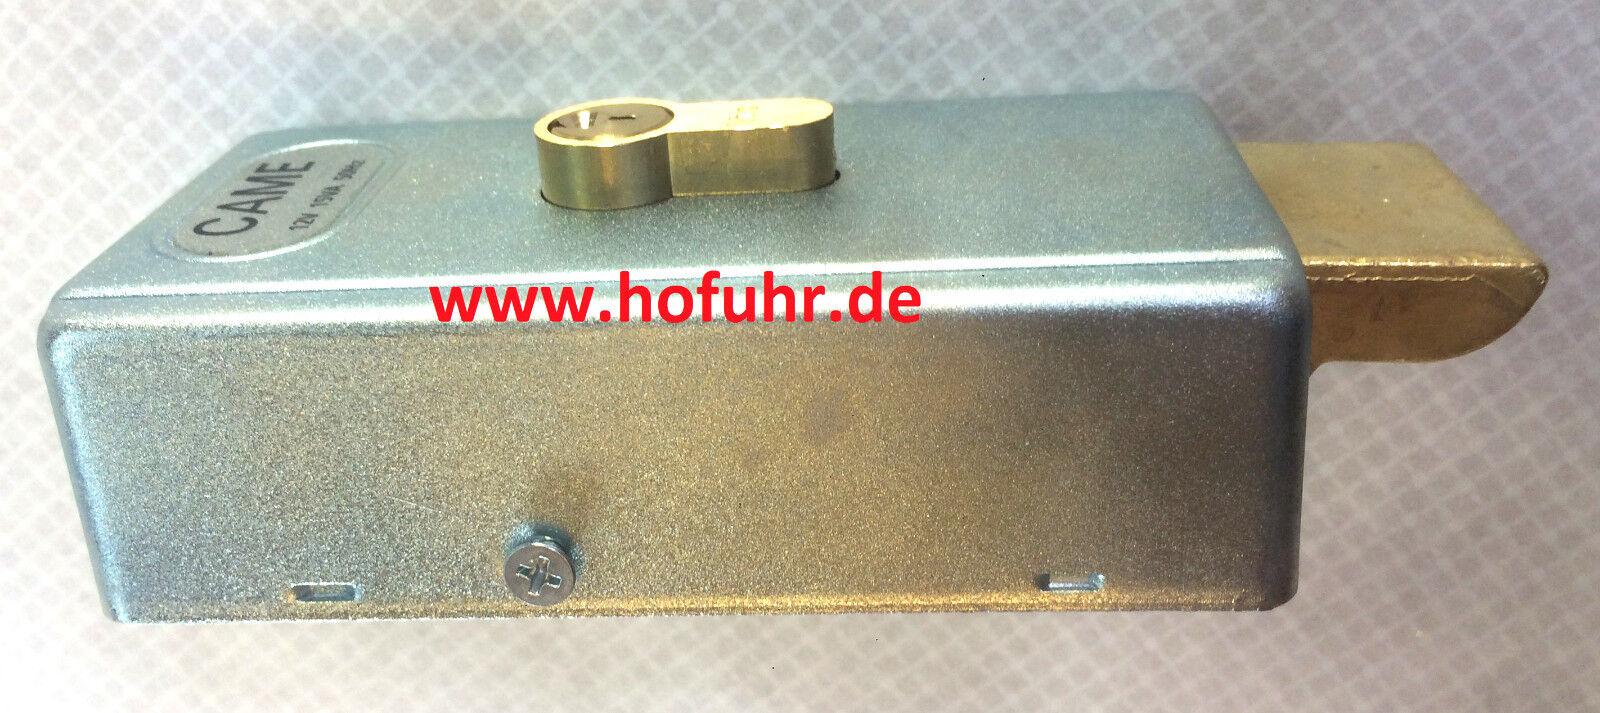 Came Elektroschloss 12v, 15va, Acdc, Verriegelung Tor, Lock 81